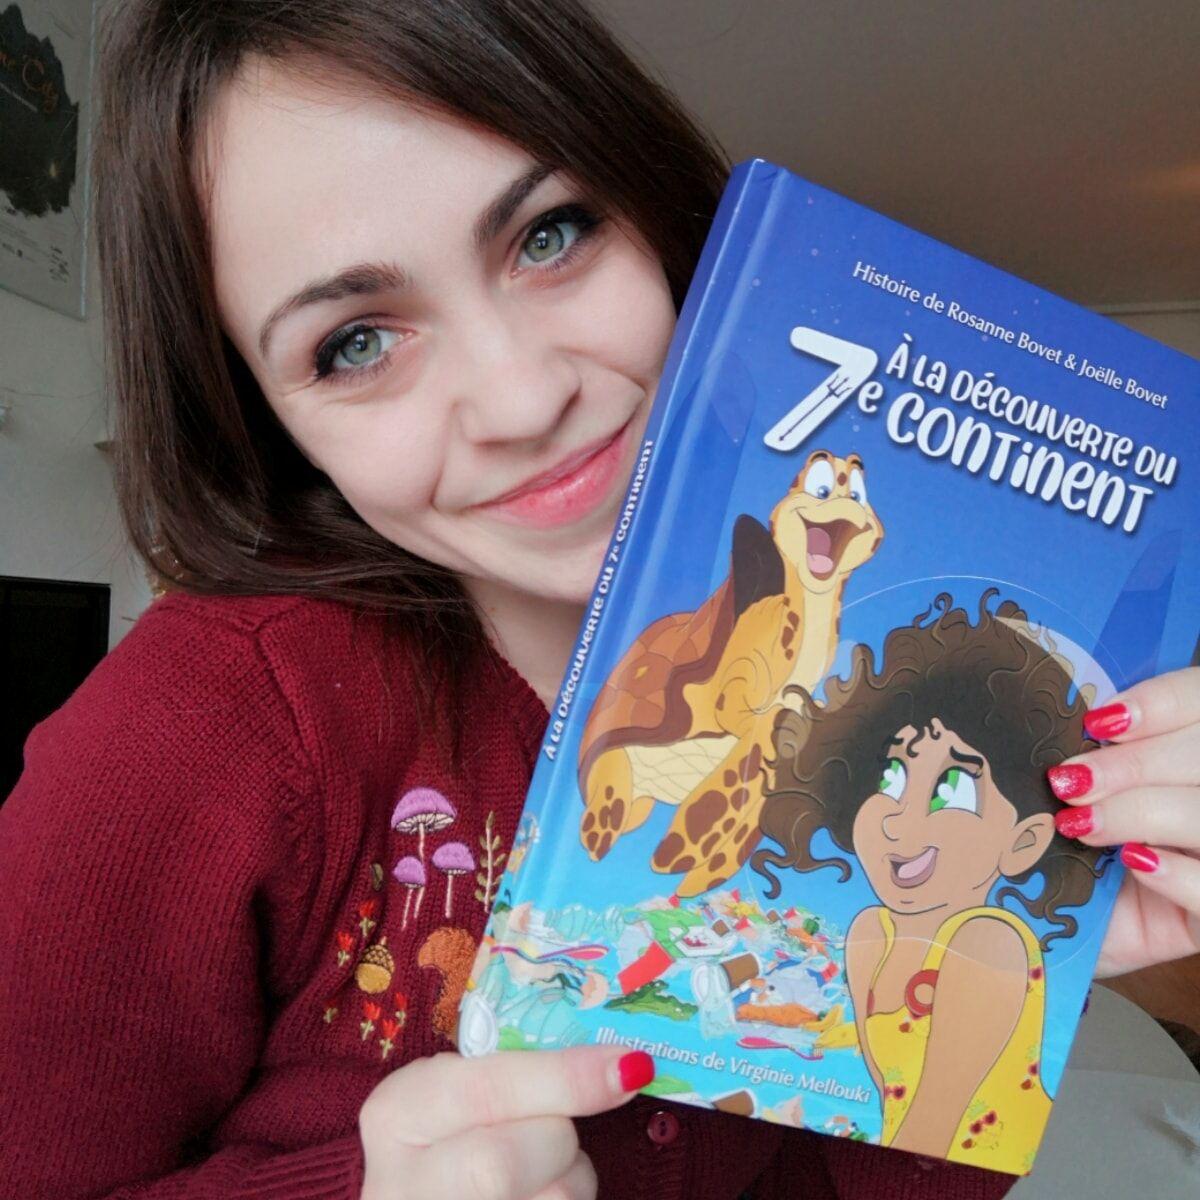 Mon 1er livre jeunesse-7e continent